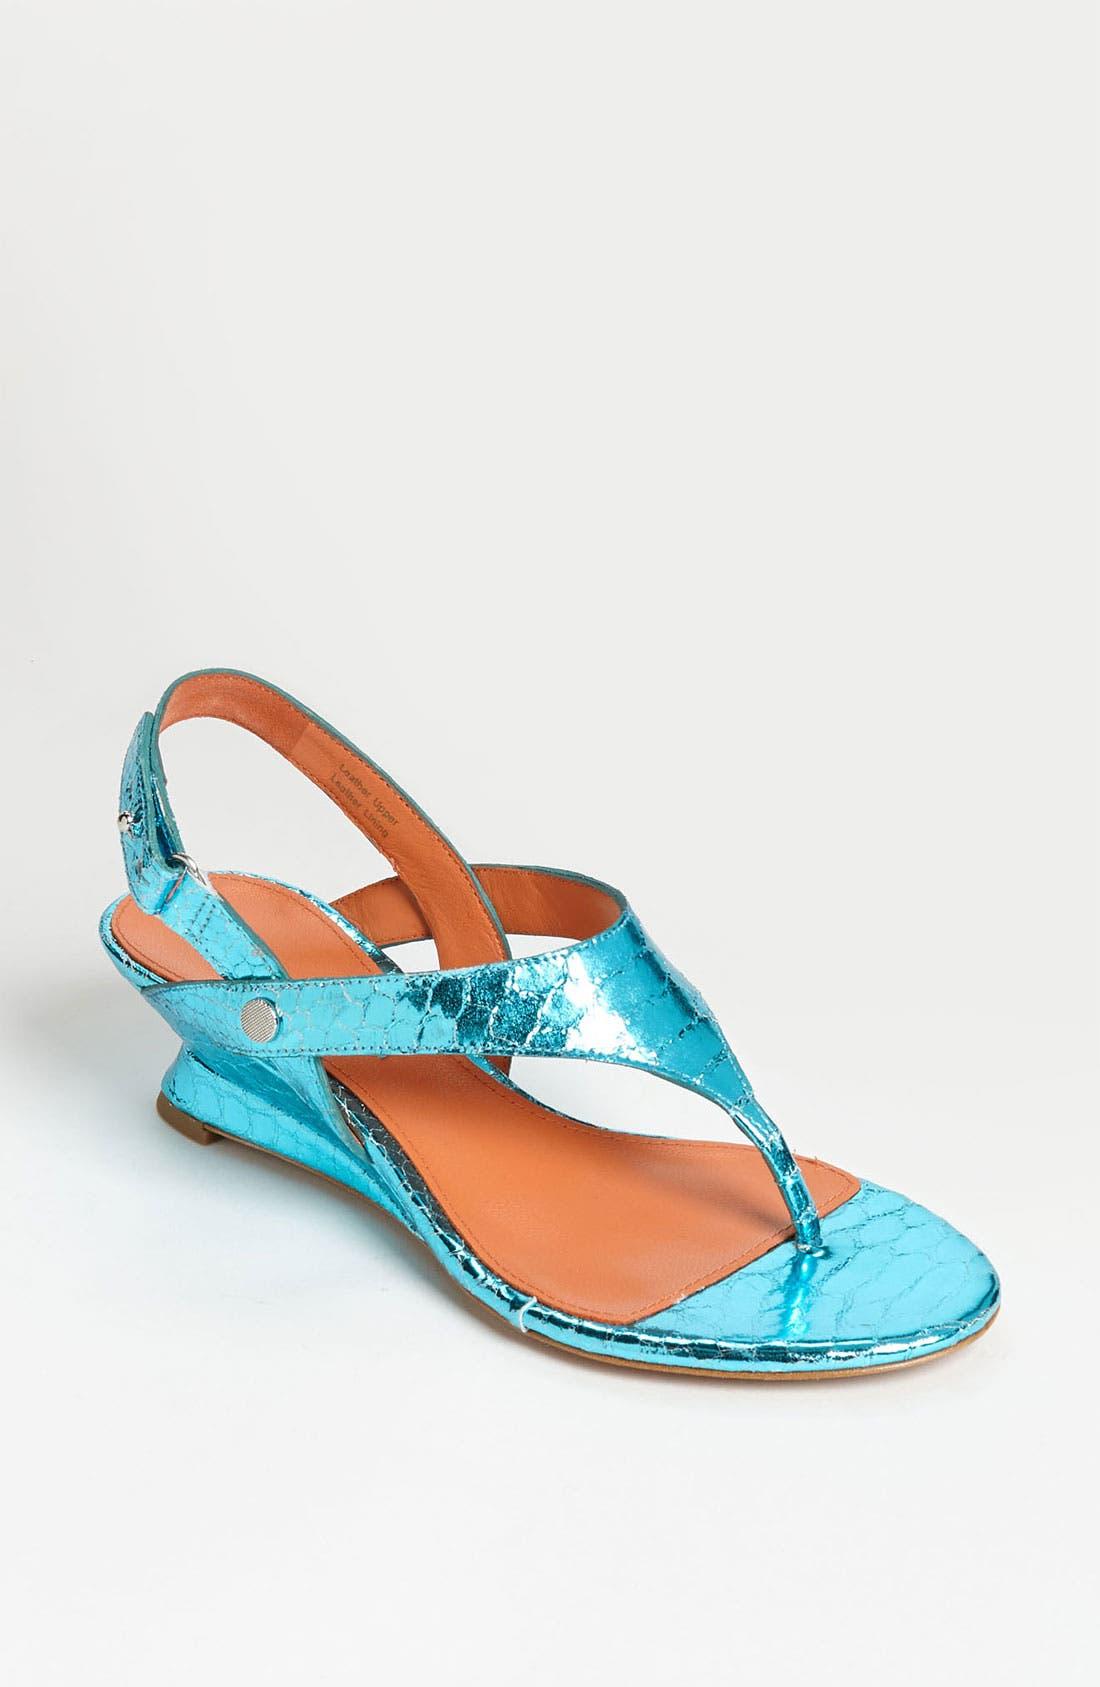 Main Image - Via Spiga 'Leanne' Sandal